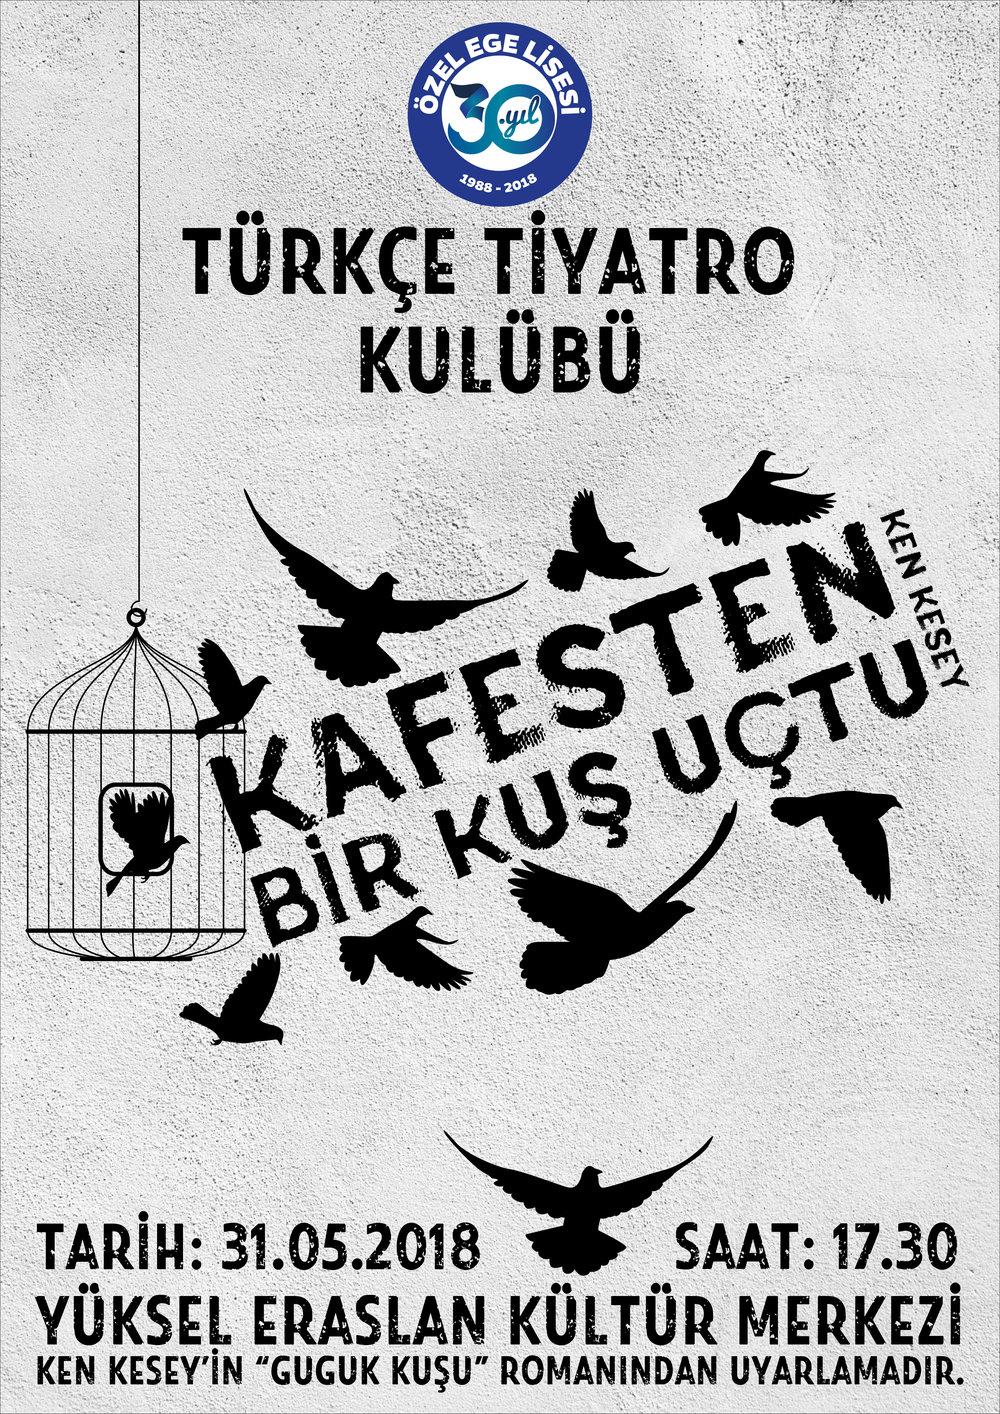 türkçe tiyatro kulübü afiş-01.jpg